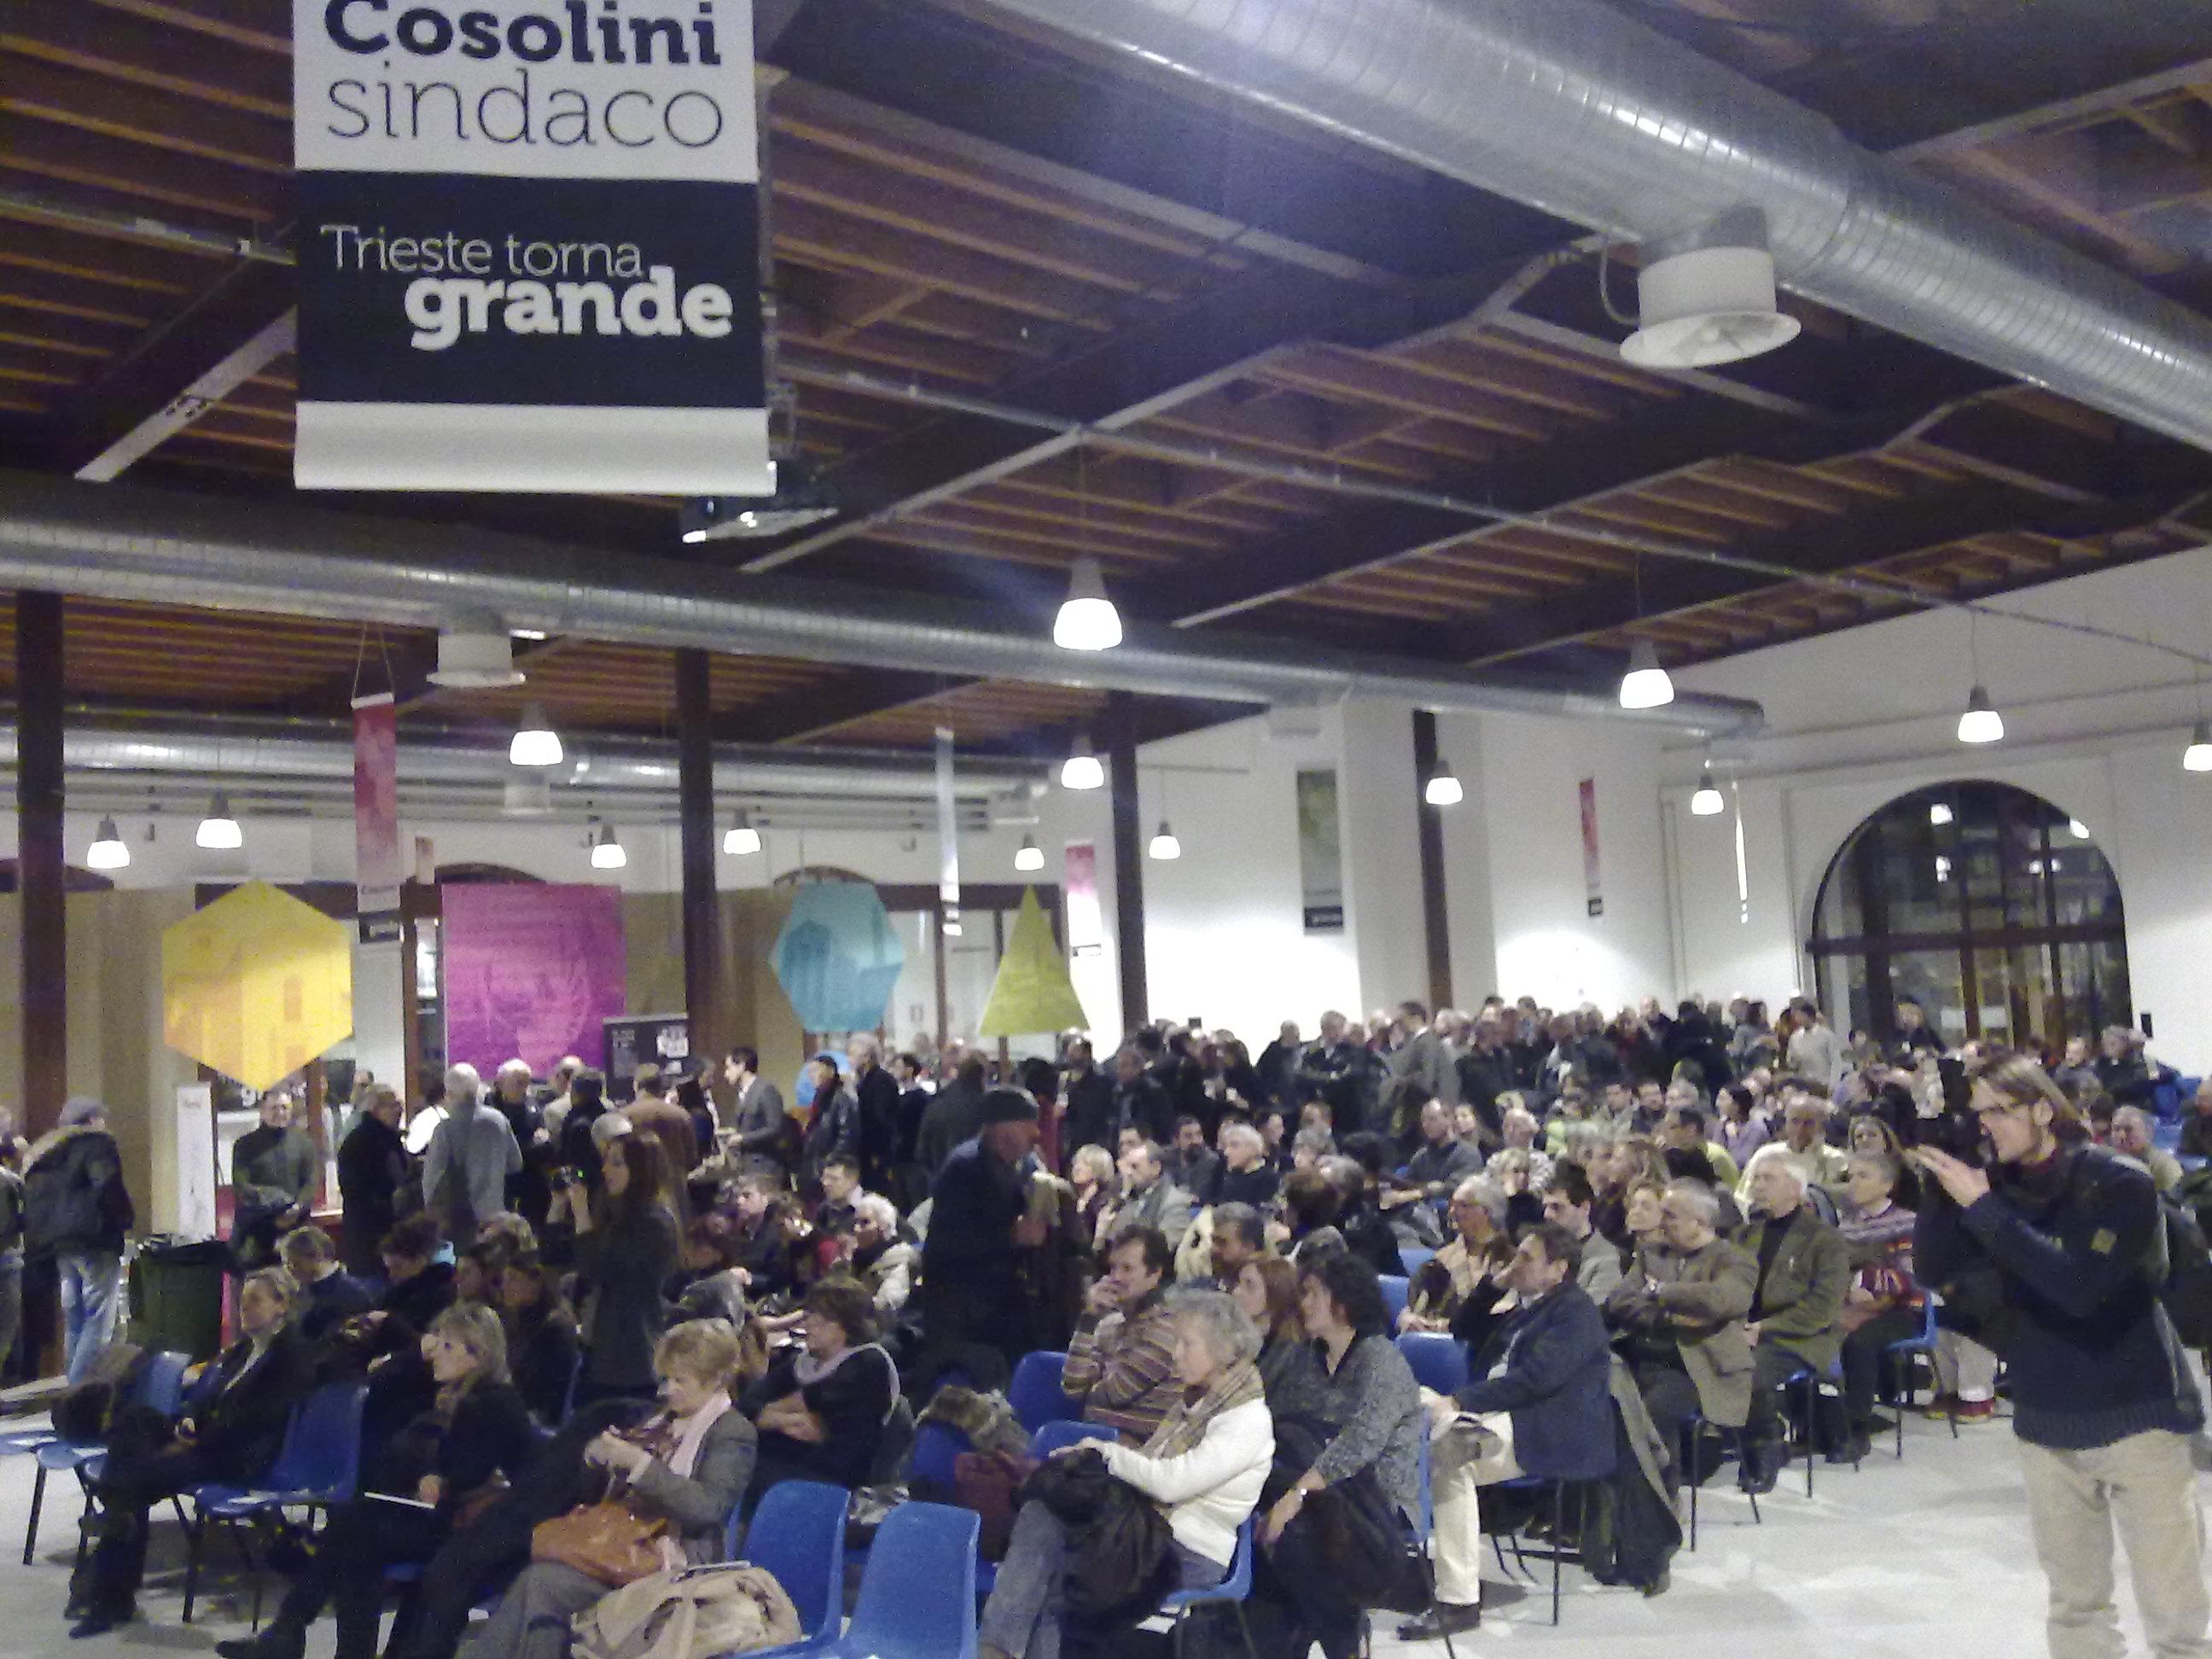 Elezioni a Trieste. Parte Cosolini